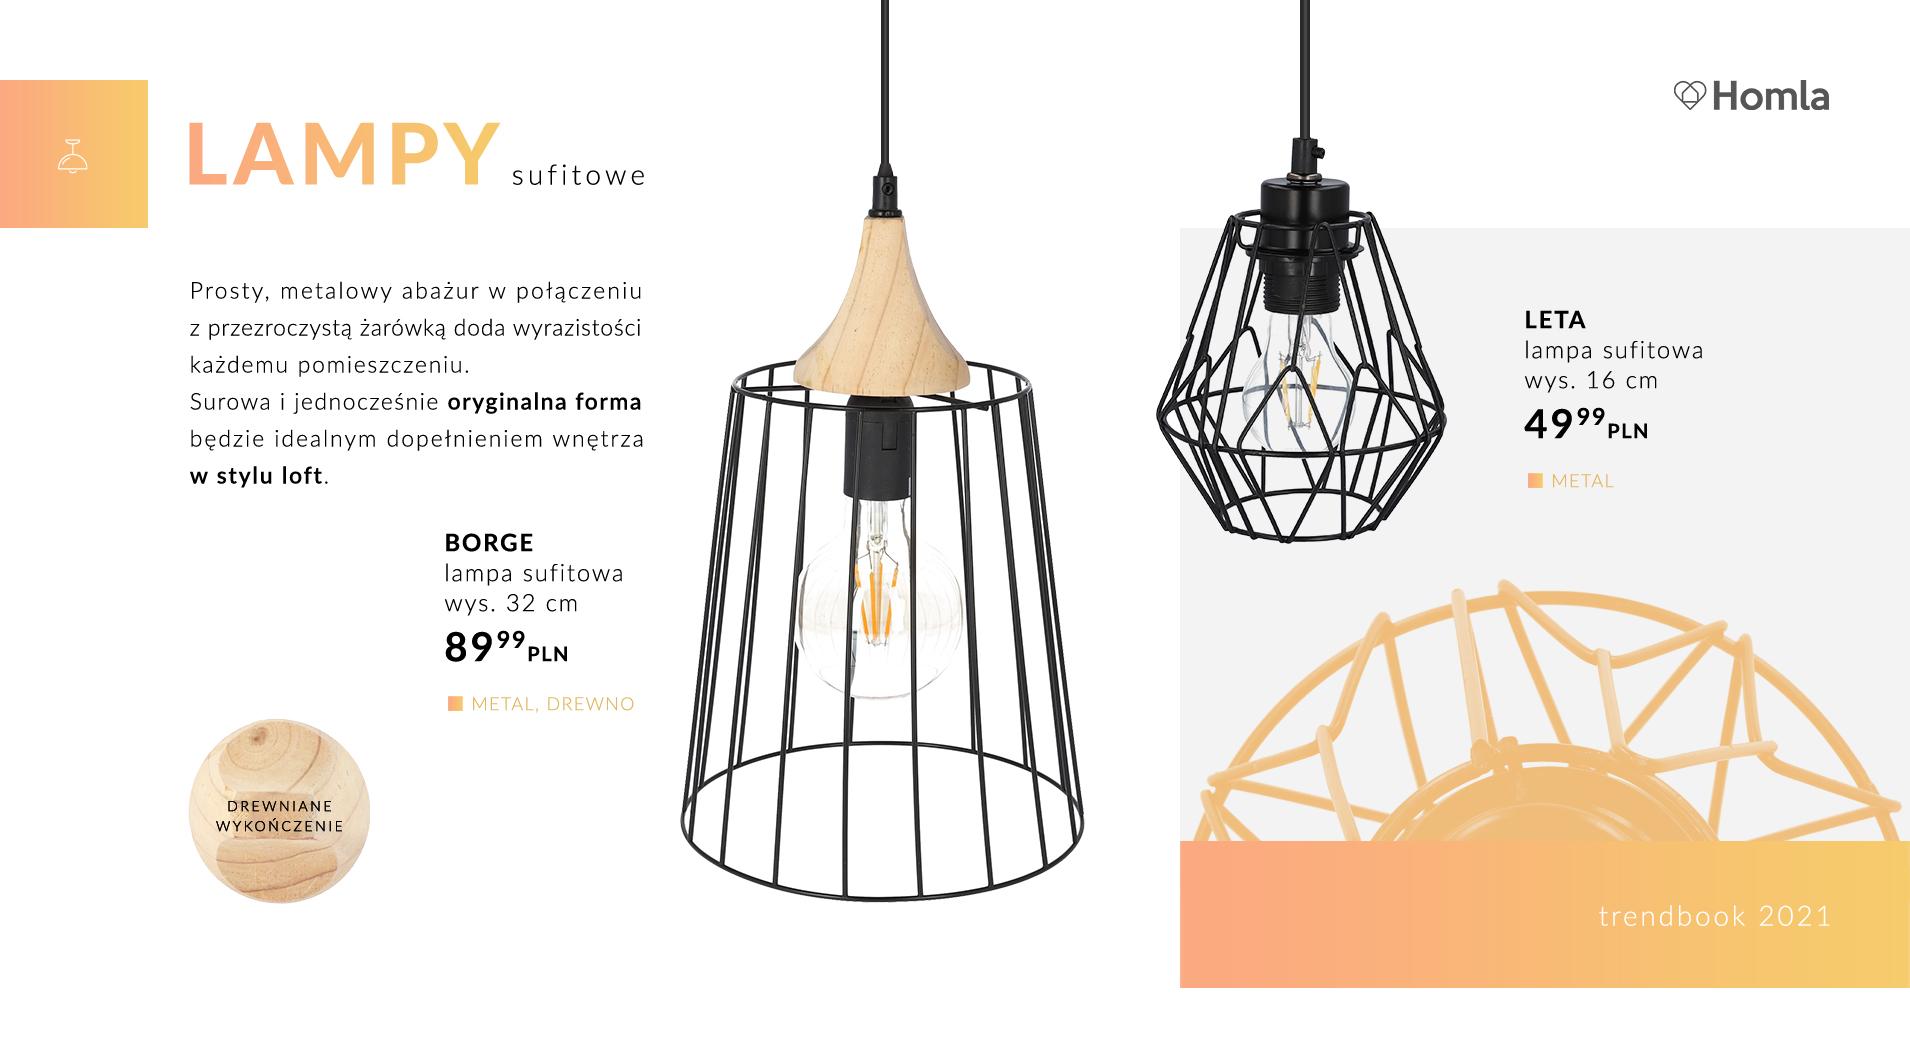 Trendbook Lampy do każdego wnętrza 8